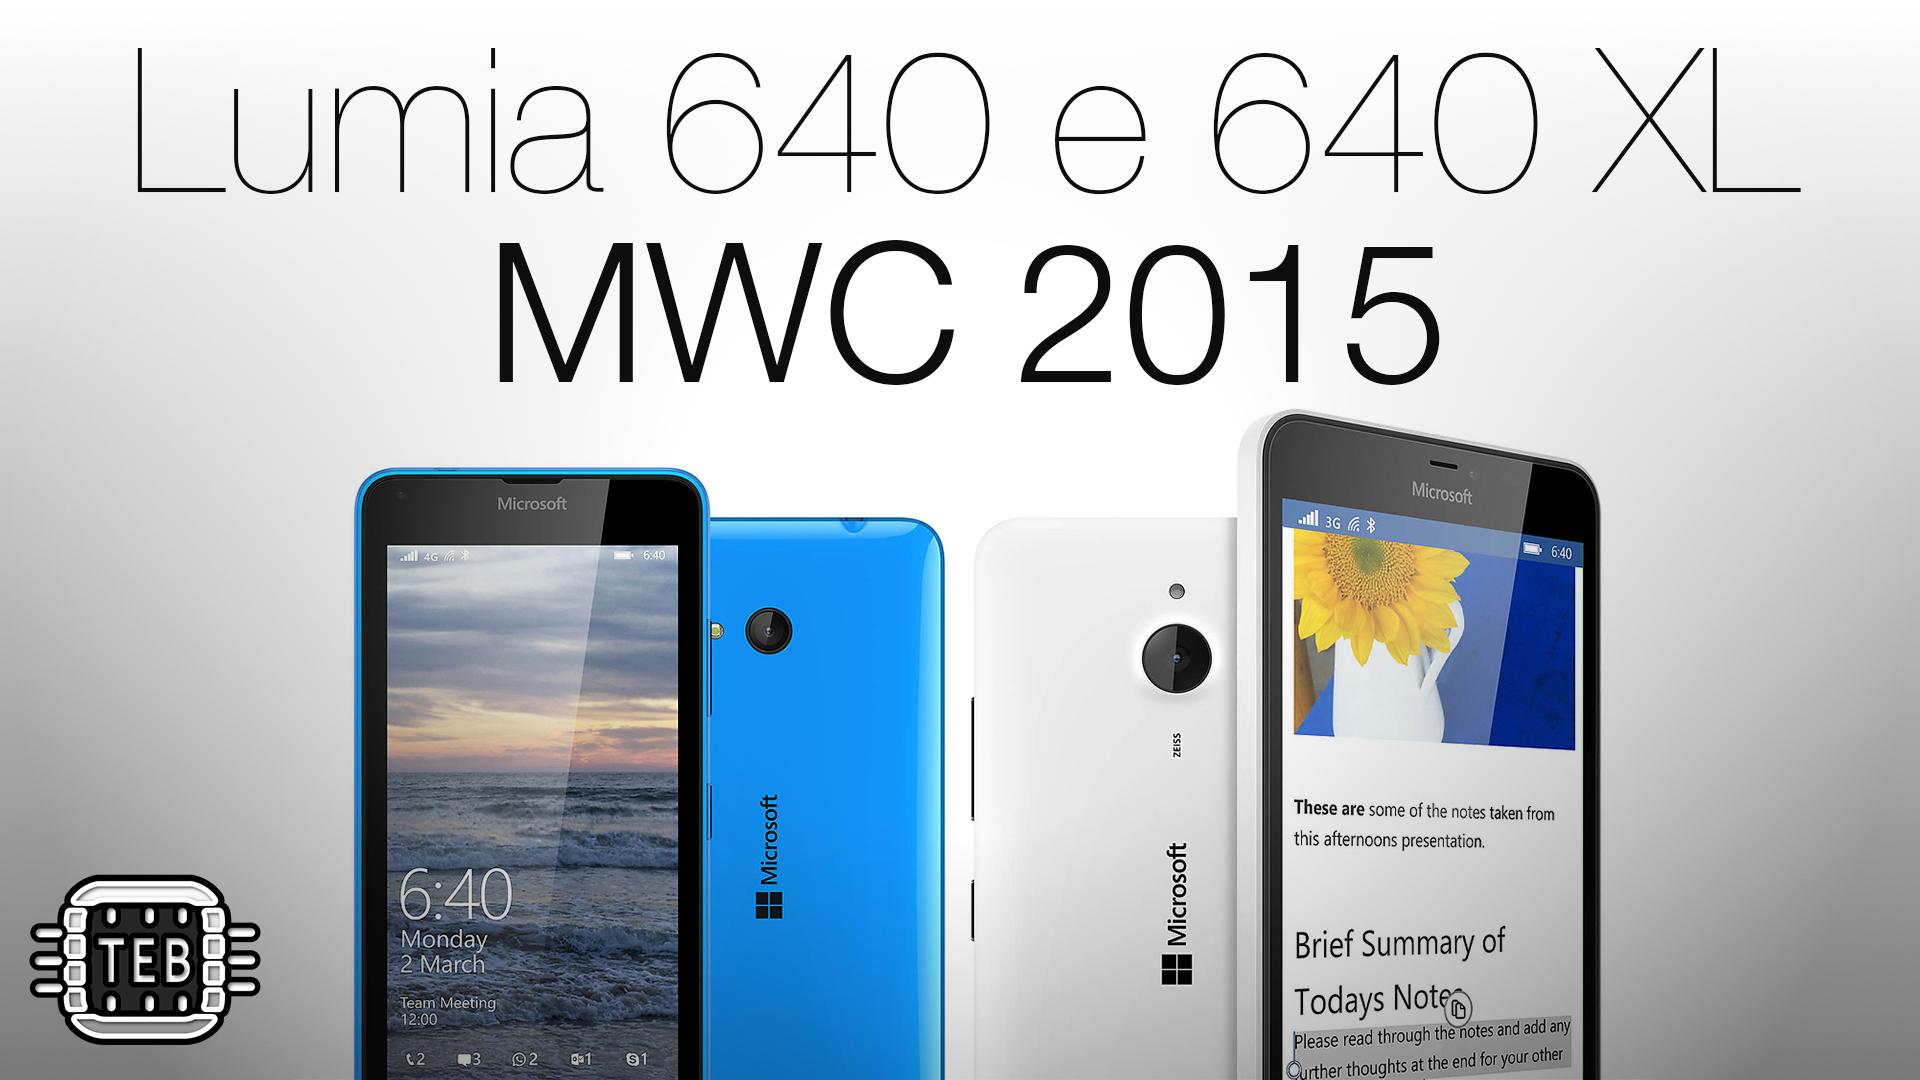 MWC 2015: ecco i nuovi Microsoft Lumia 640 e 640 XL [FOTO + VIDEO]